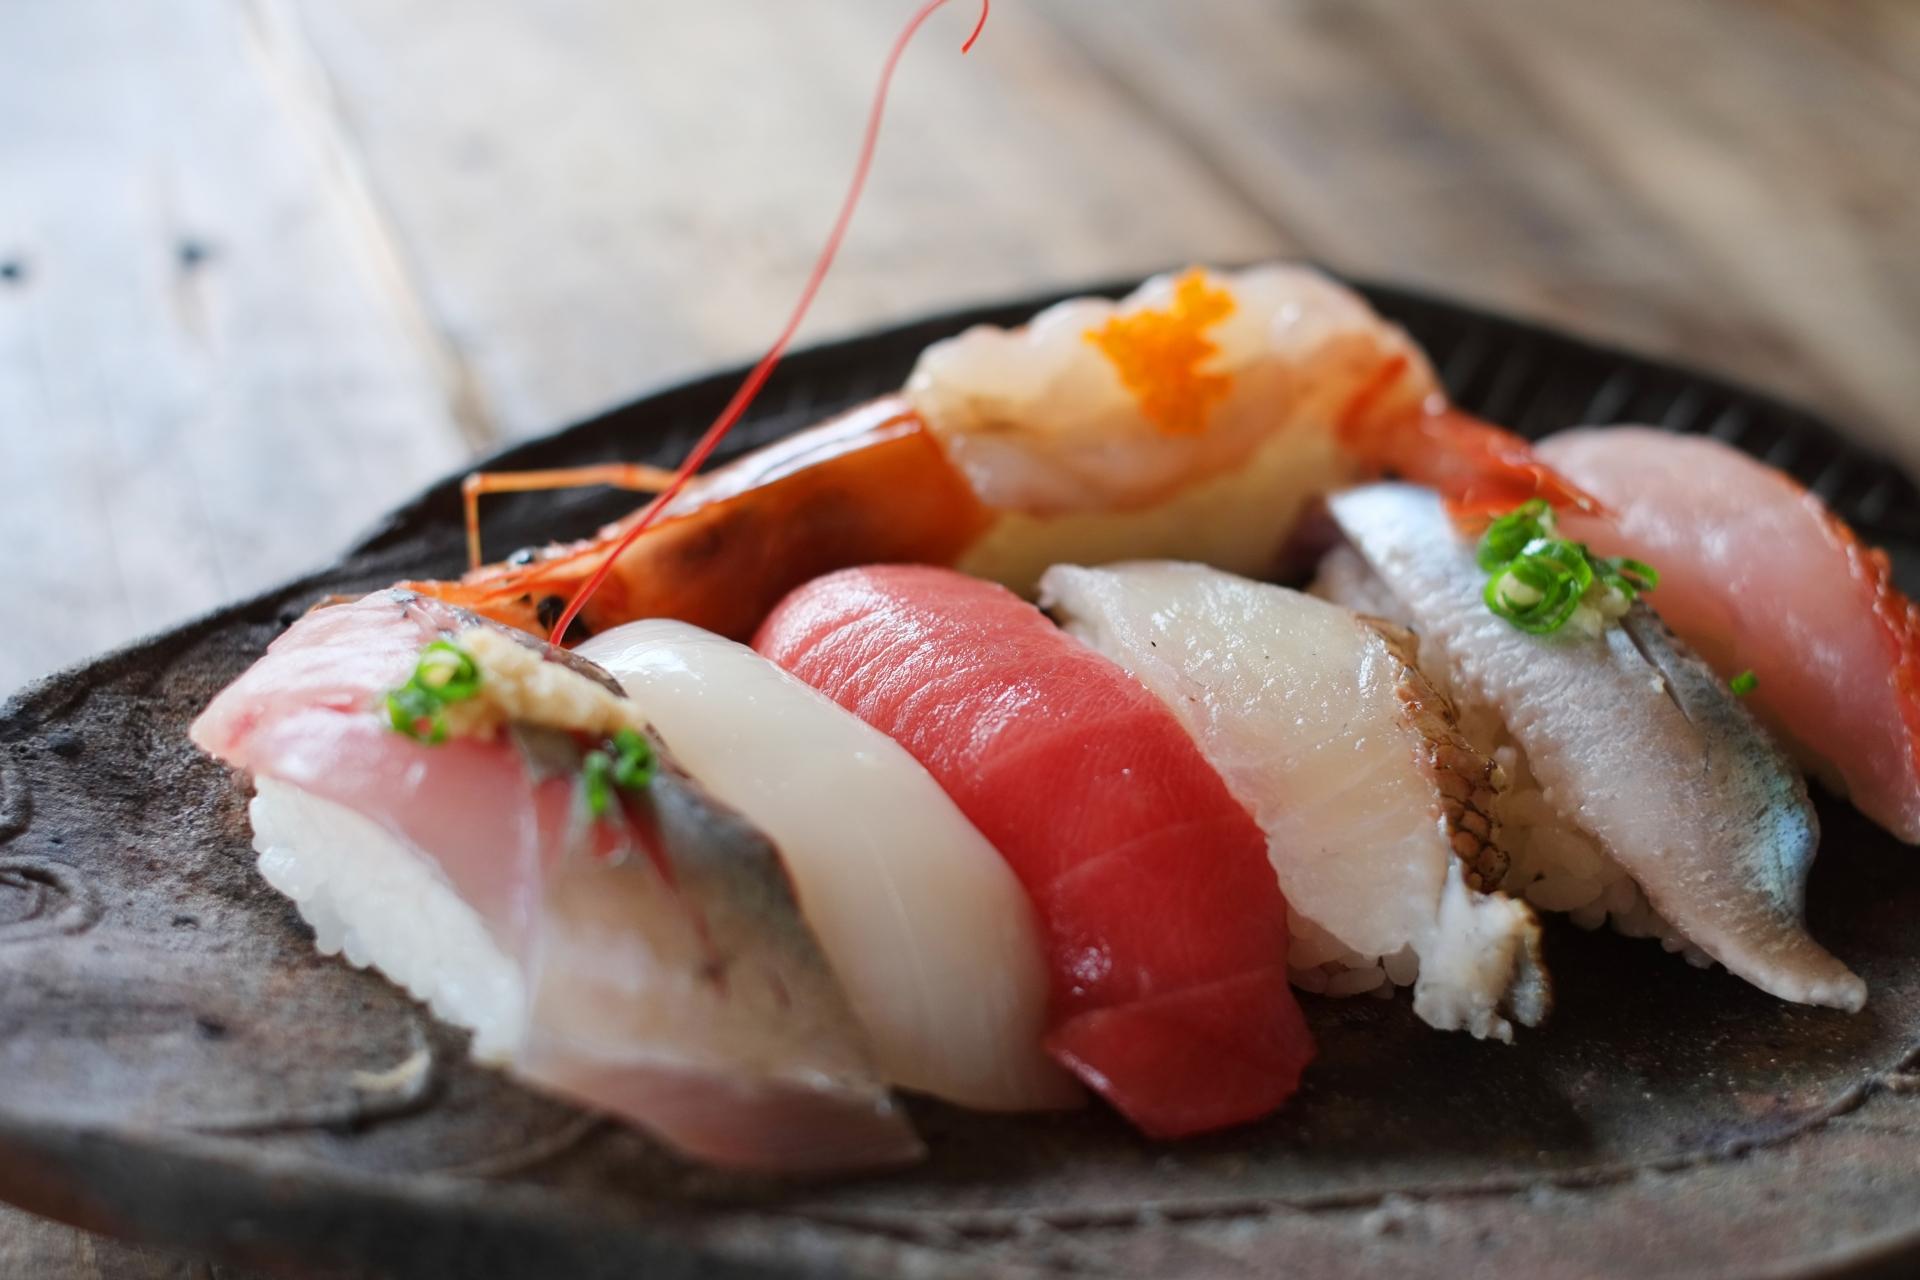 柳橋中央市場で朝食やランチを堪能!おすすめの人気店をご紹介!